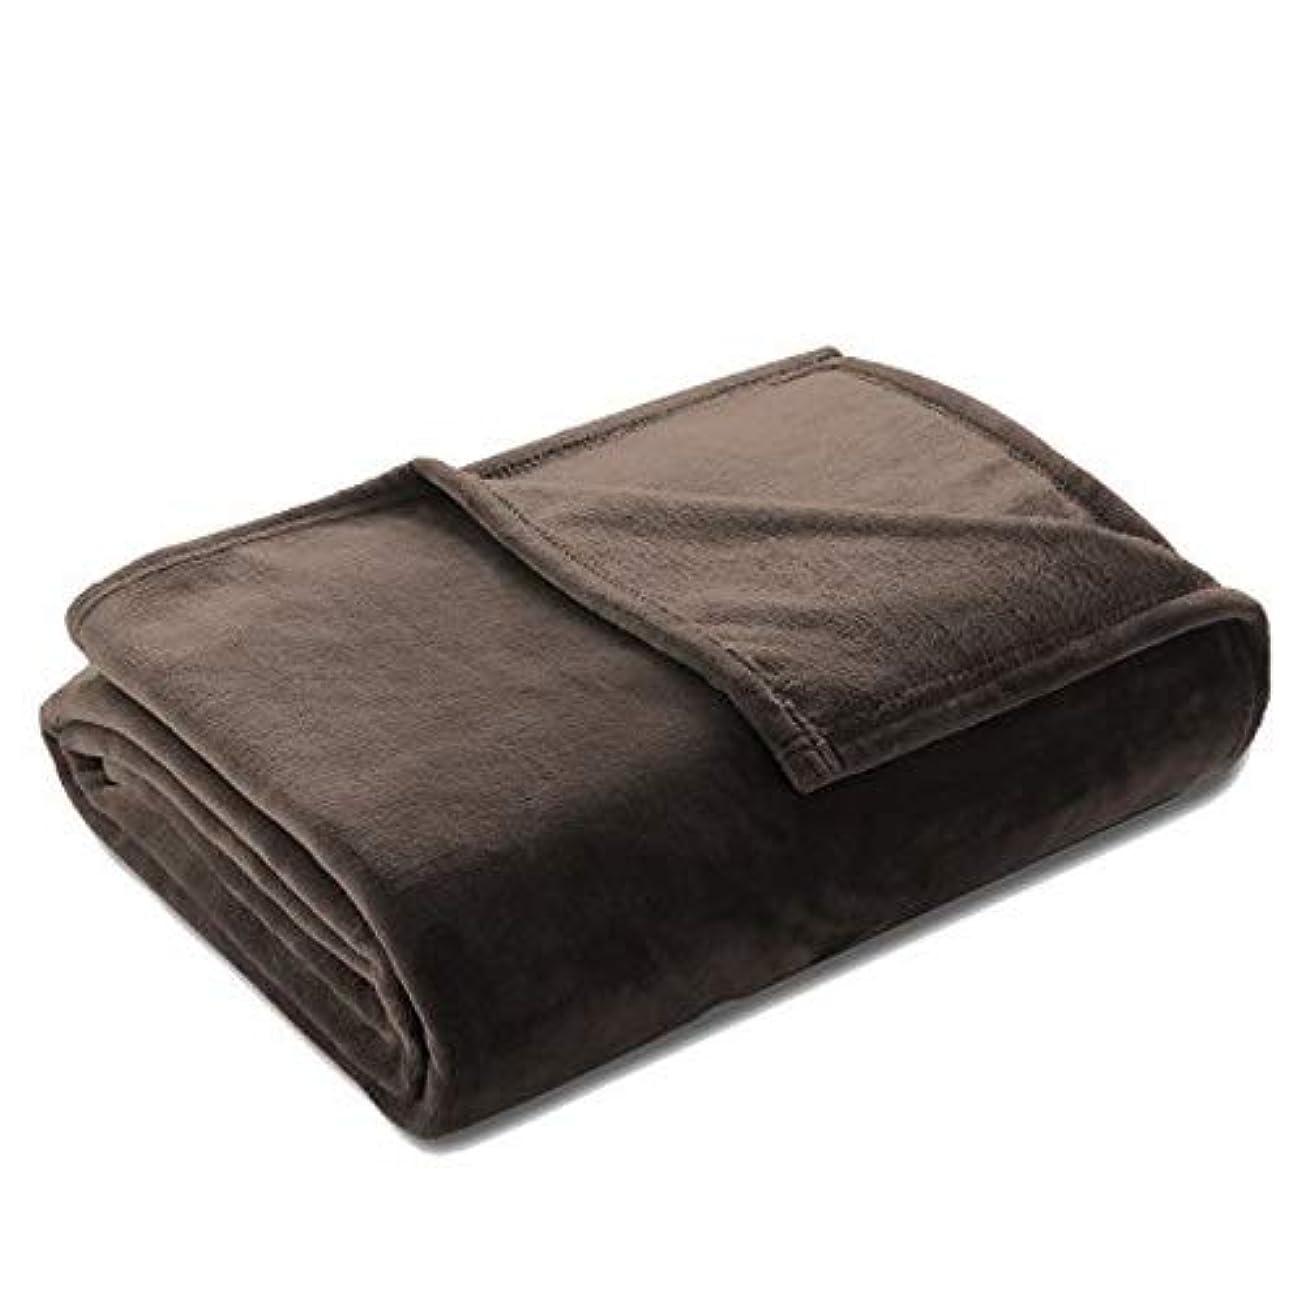 甘味固める穿孔するロスコ イタリア軍 ウールブランケット レプリカ Rothco Italian Army Type Wool Blanket 10244